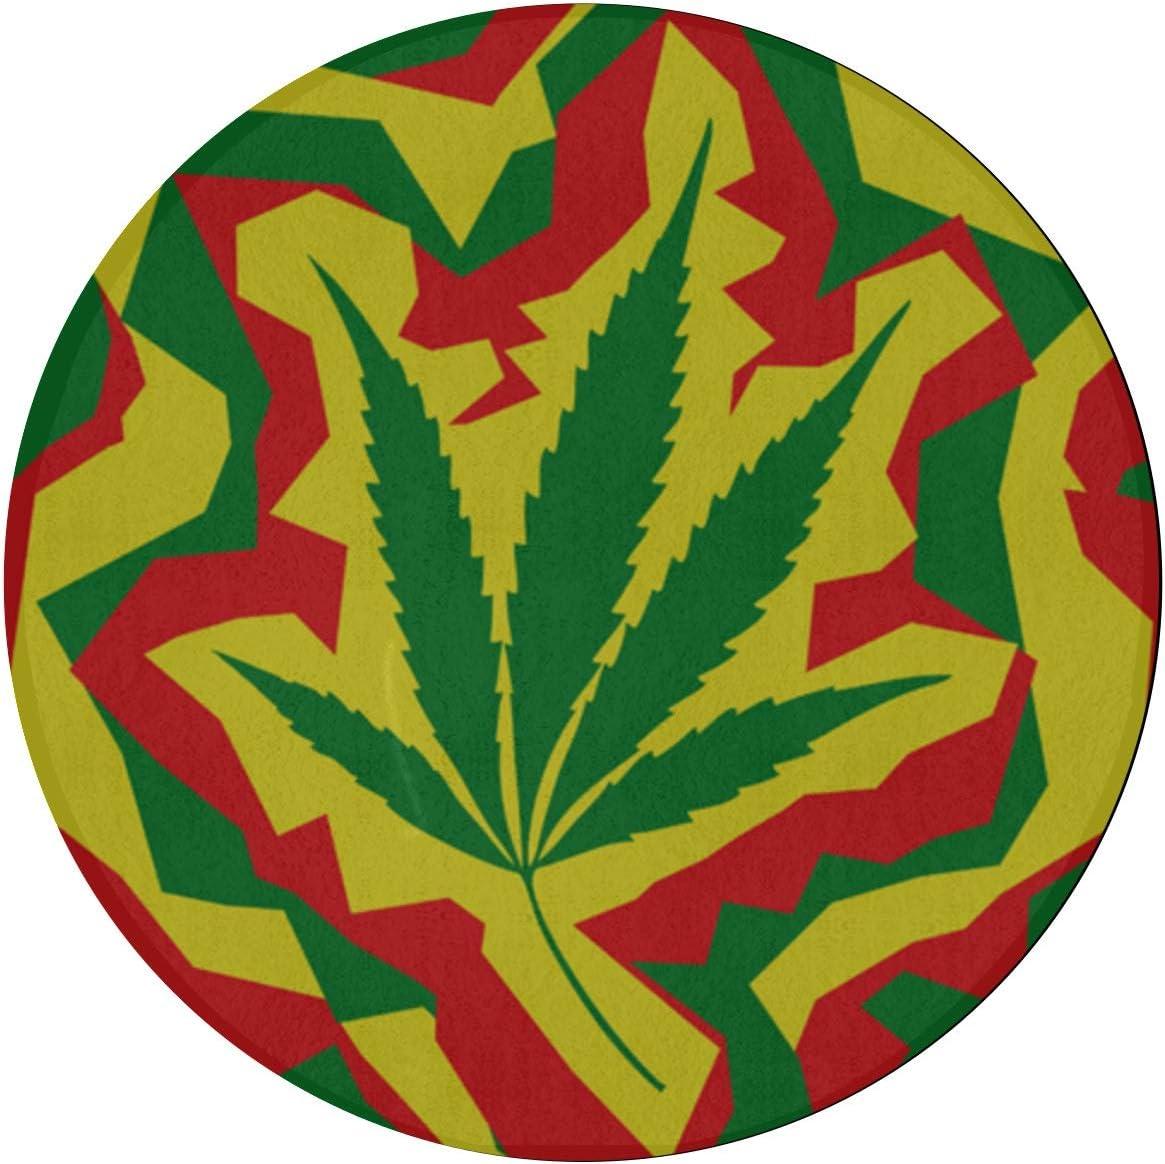 Alfombras de dormitorio Marihuana tostada Hoja de cannabis Colorido Área para niños Alfombra 2 pies Redondo antideslizante Microfibra Lavable a máquina Sala de estar Alfombra para cocina Comedor Sala